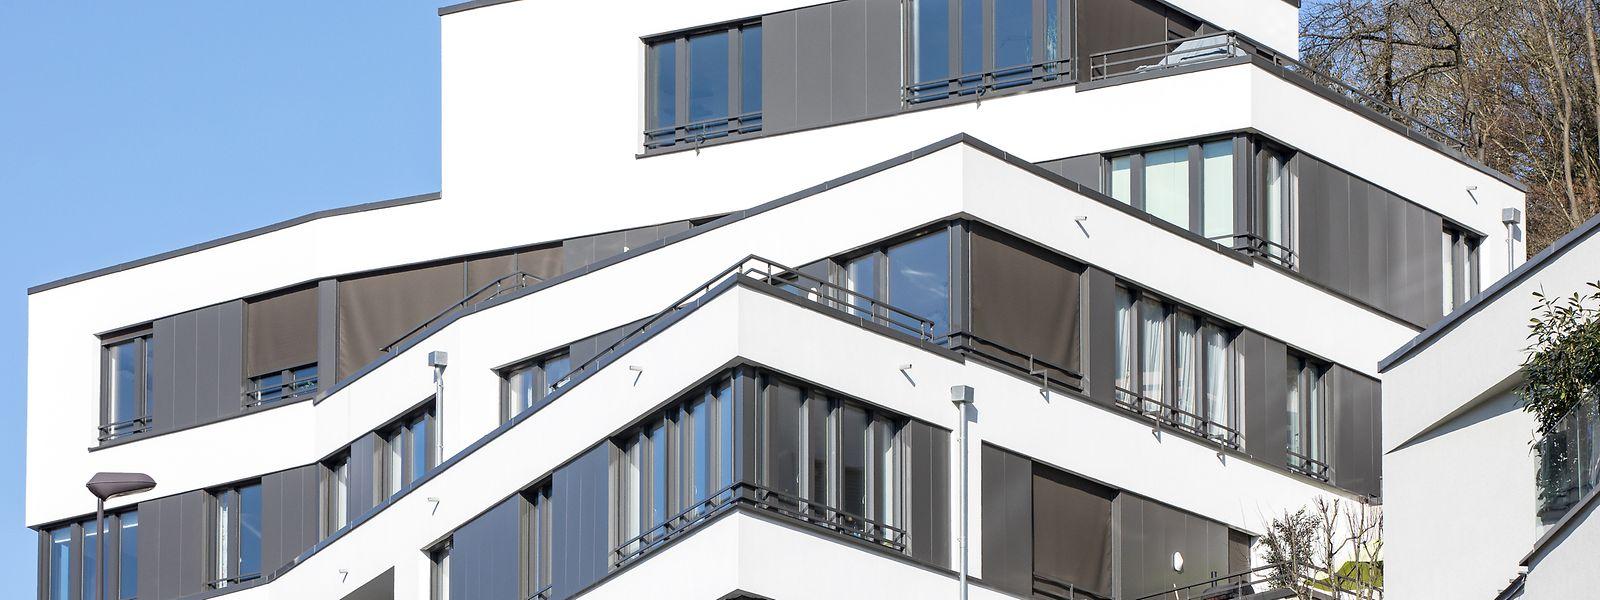 Die Immobilienpreise sind zwischen 2018 und 2019 stärker gestiegen als in den Jahren zuvor.